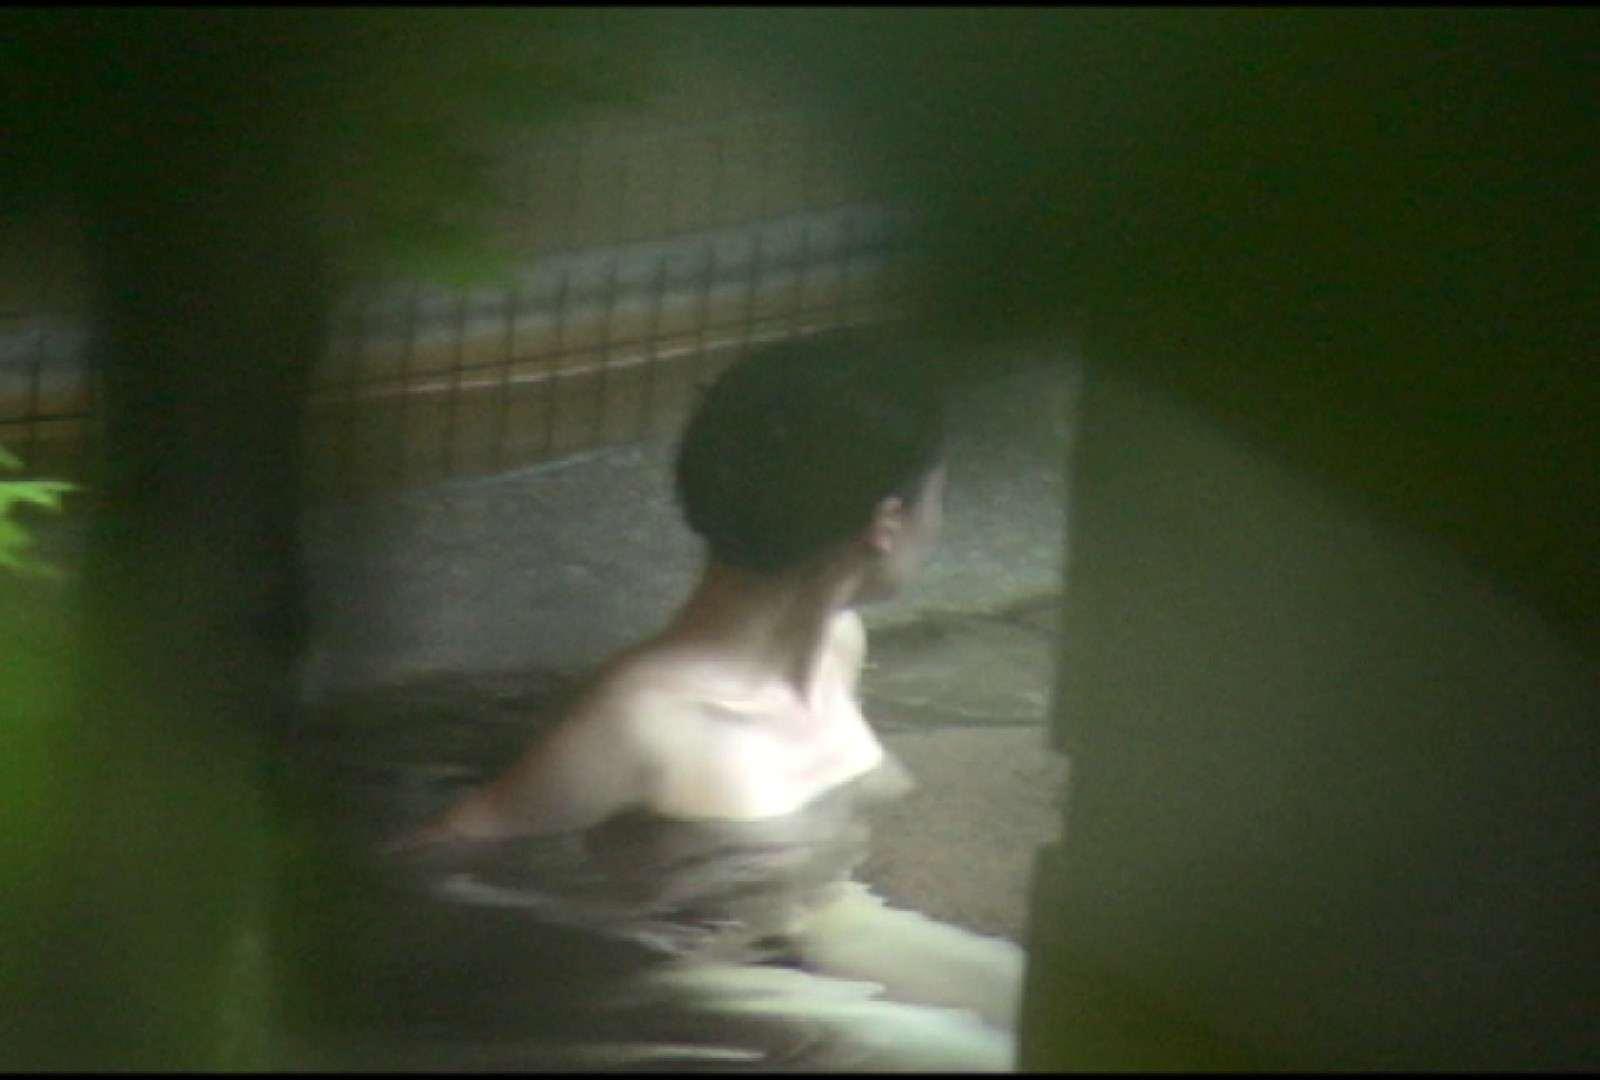 Aquaな露天風呂Vol.699 盗撮 覗きおまんこ画像 104連発 5